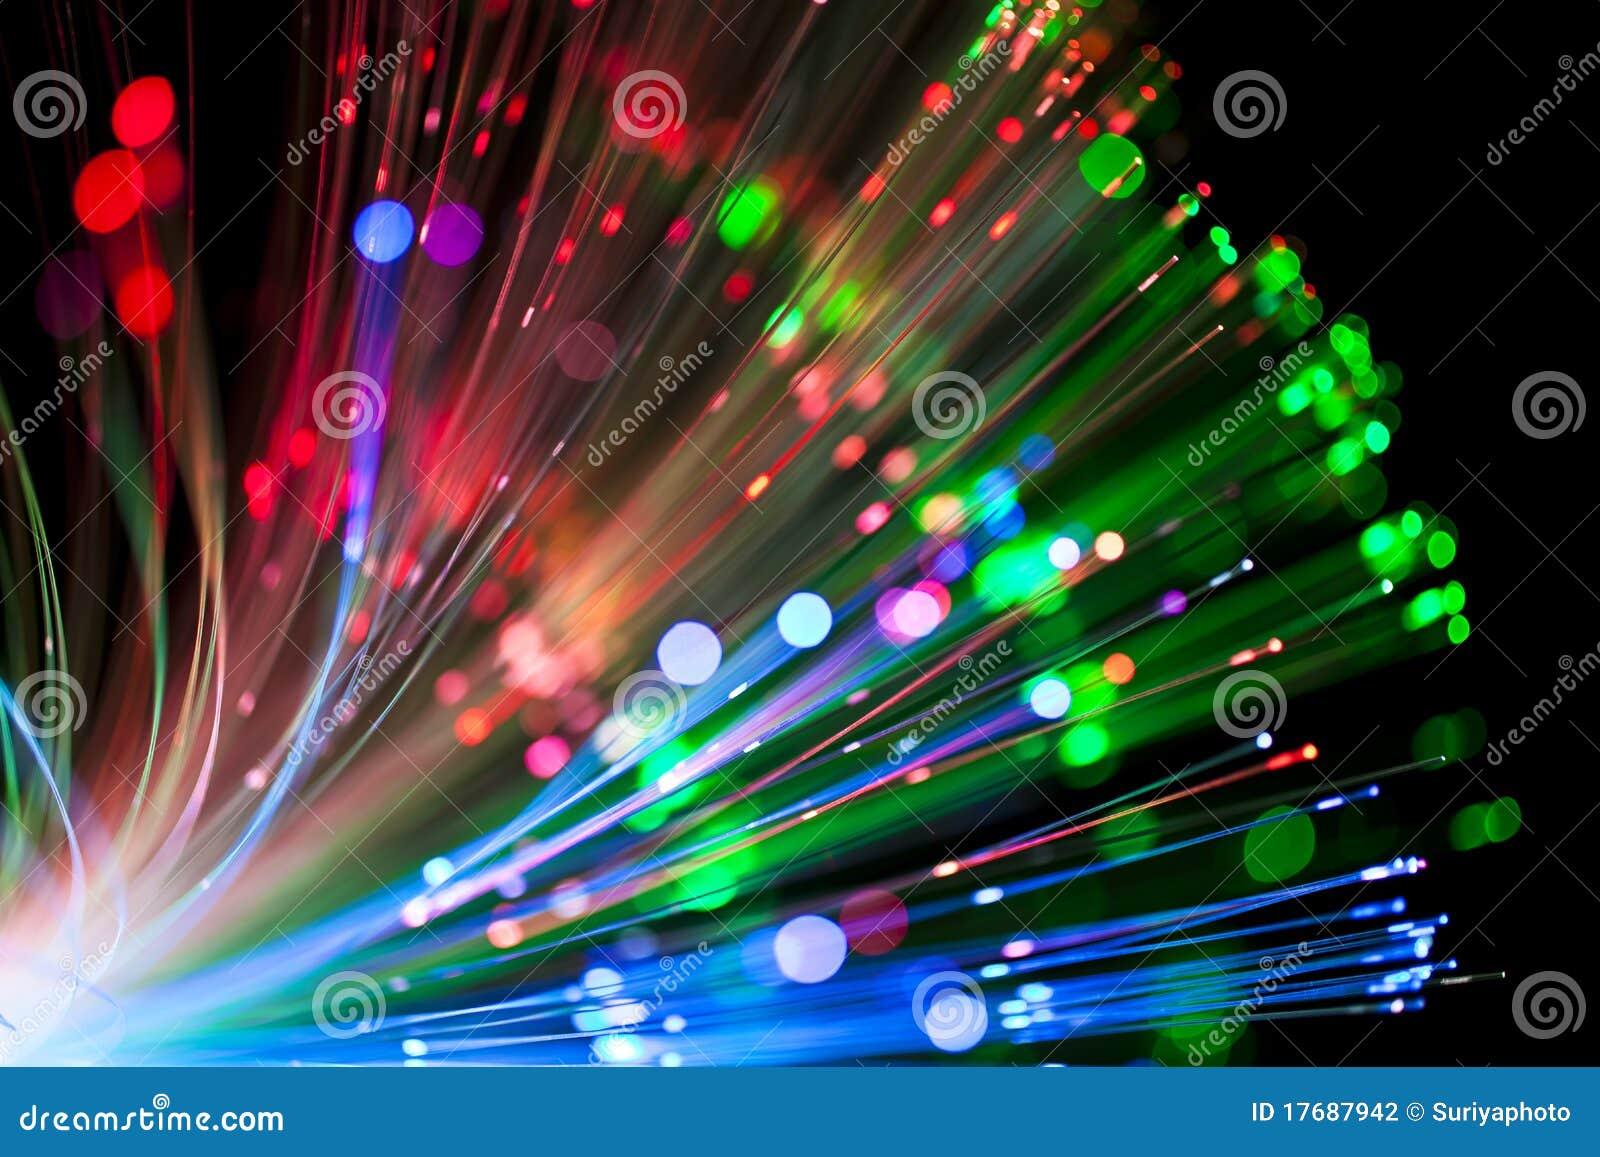 Illuminazione con fibre ottiche solare design danytat design